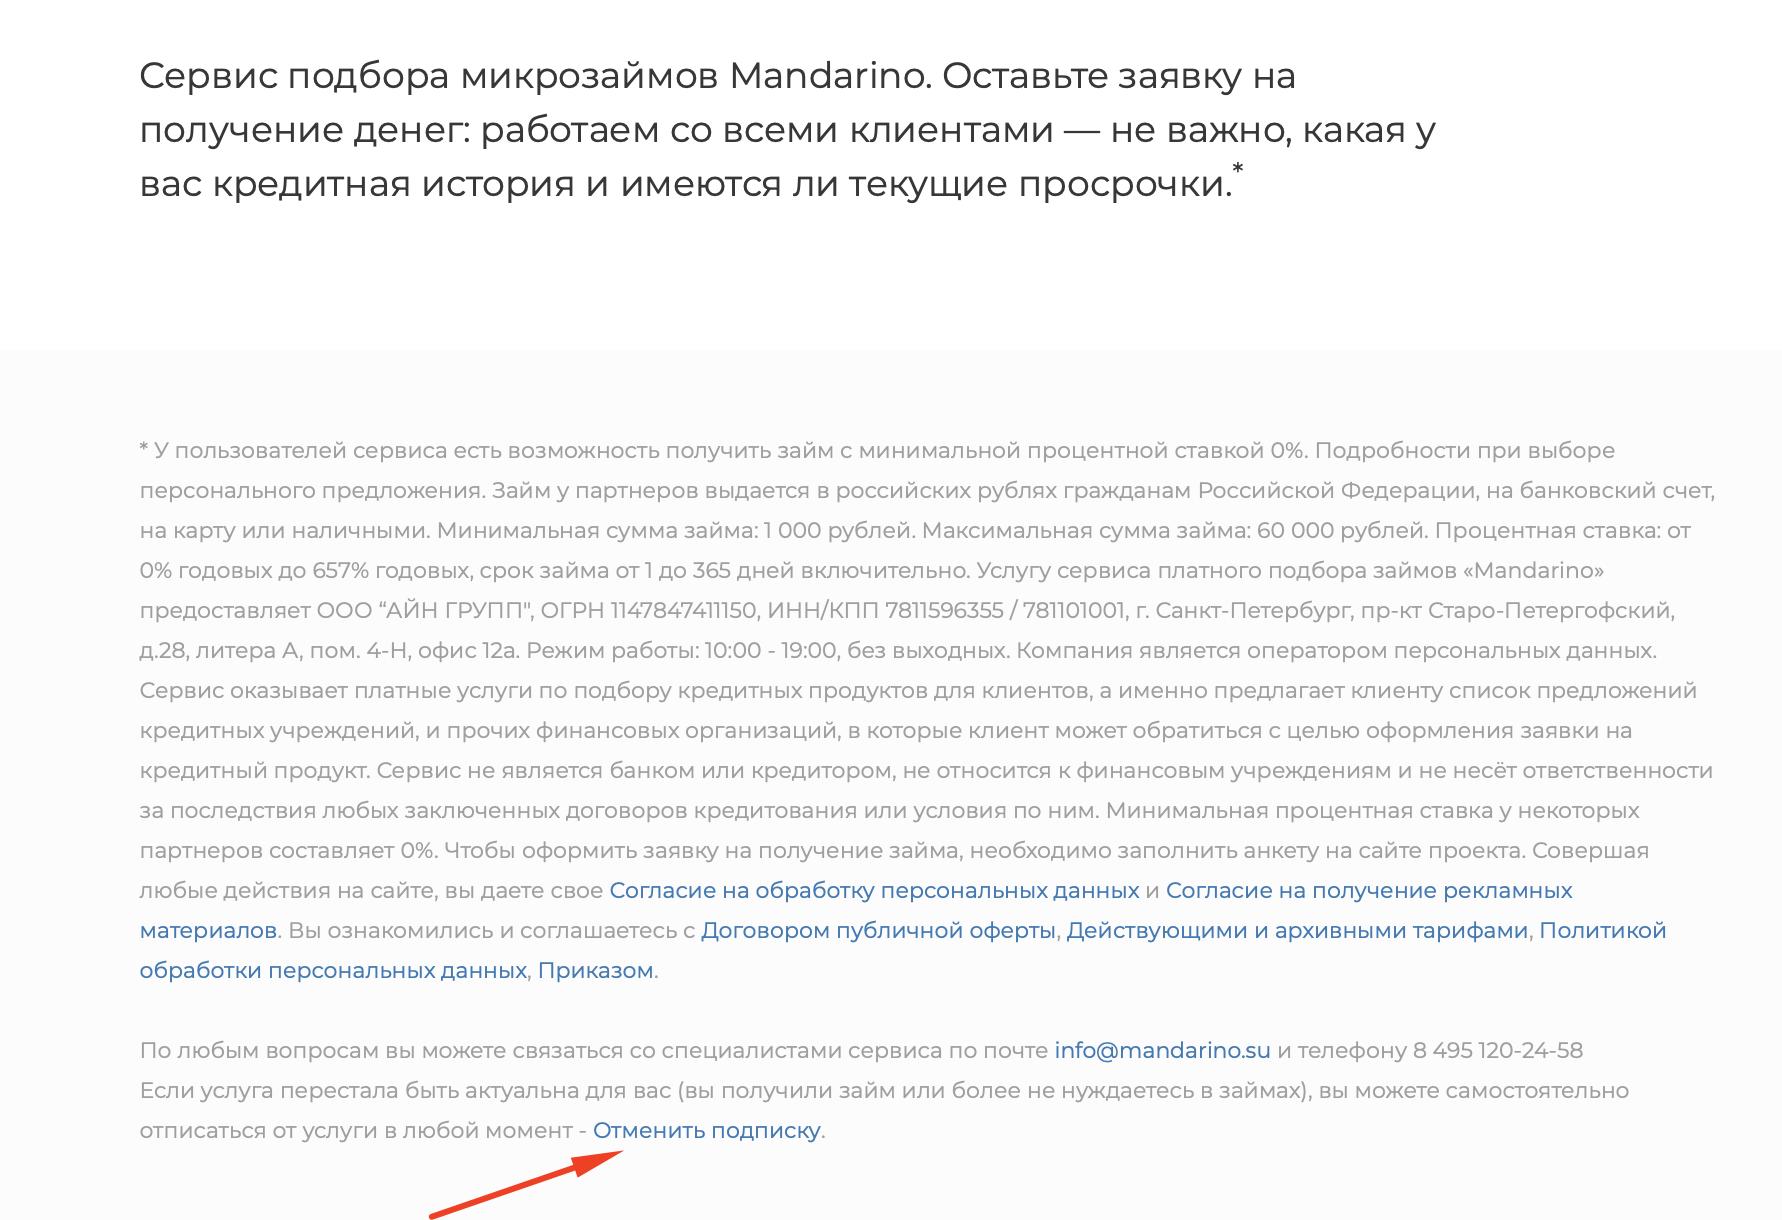 mandarino-otpisatsya_3